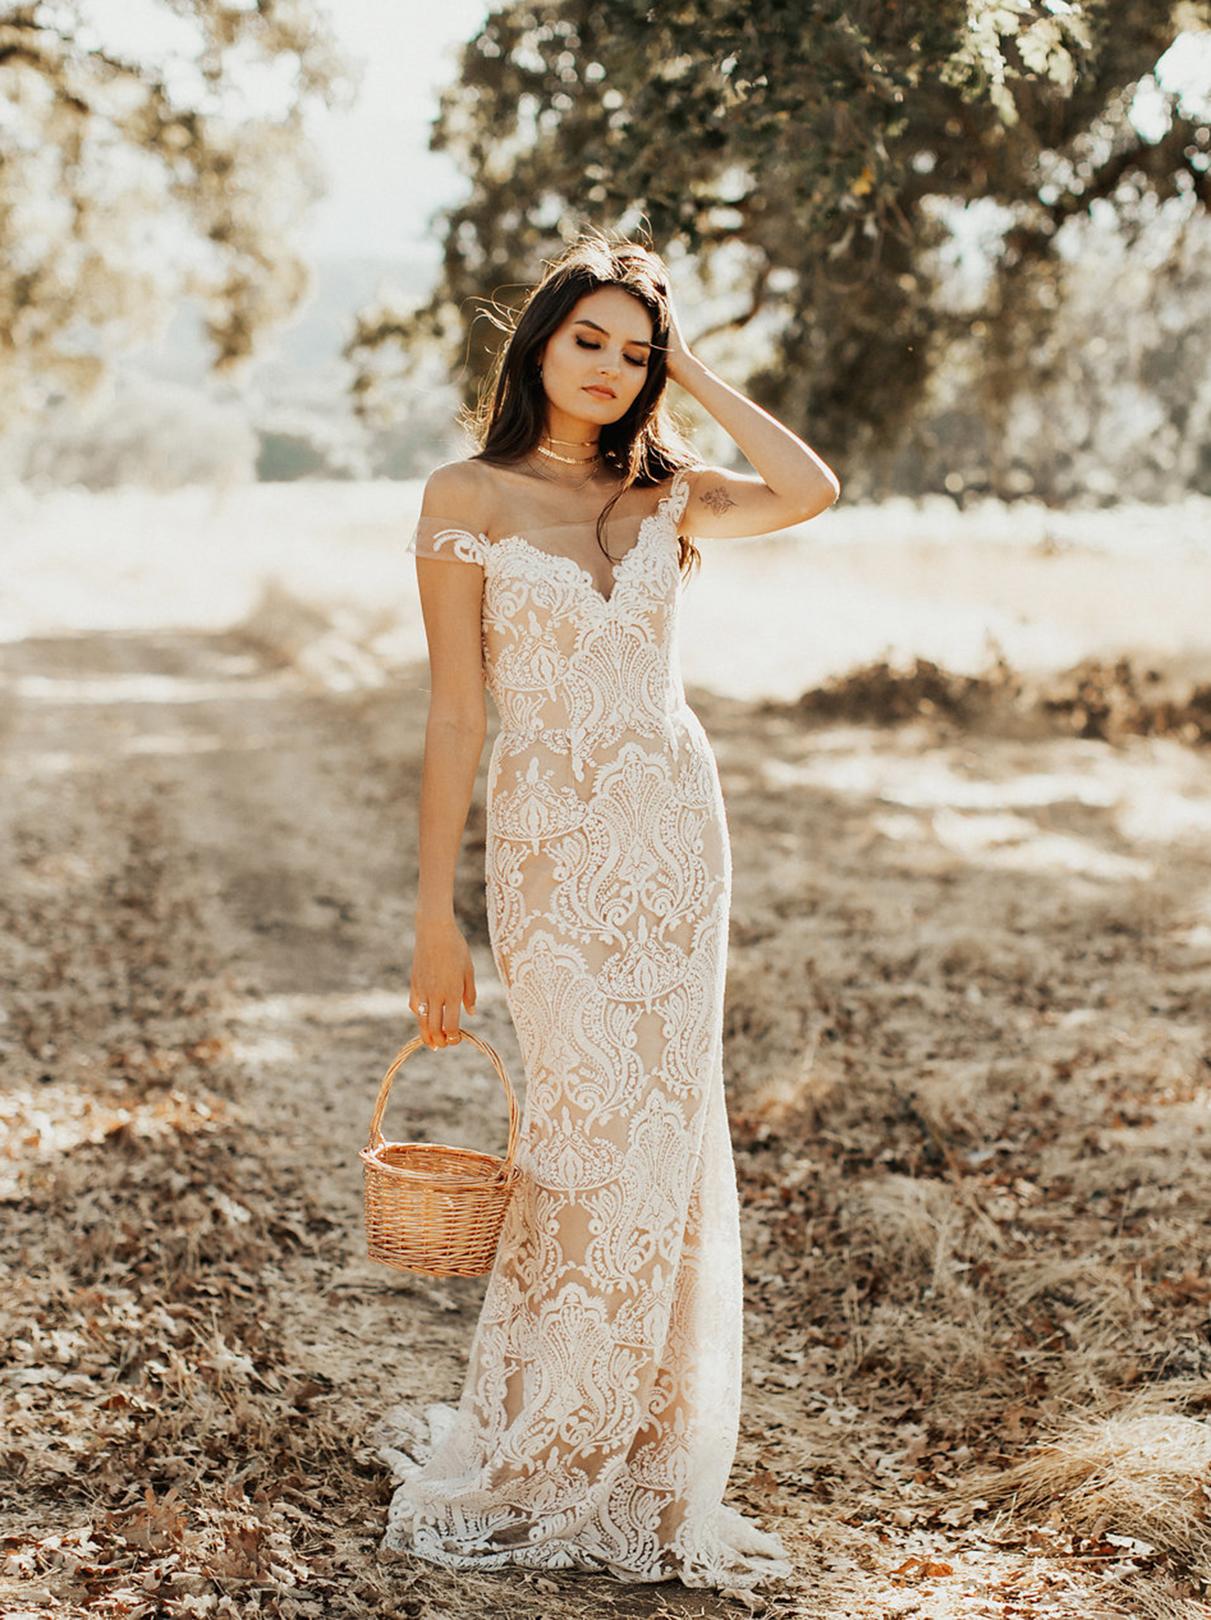 winslow dress photo